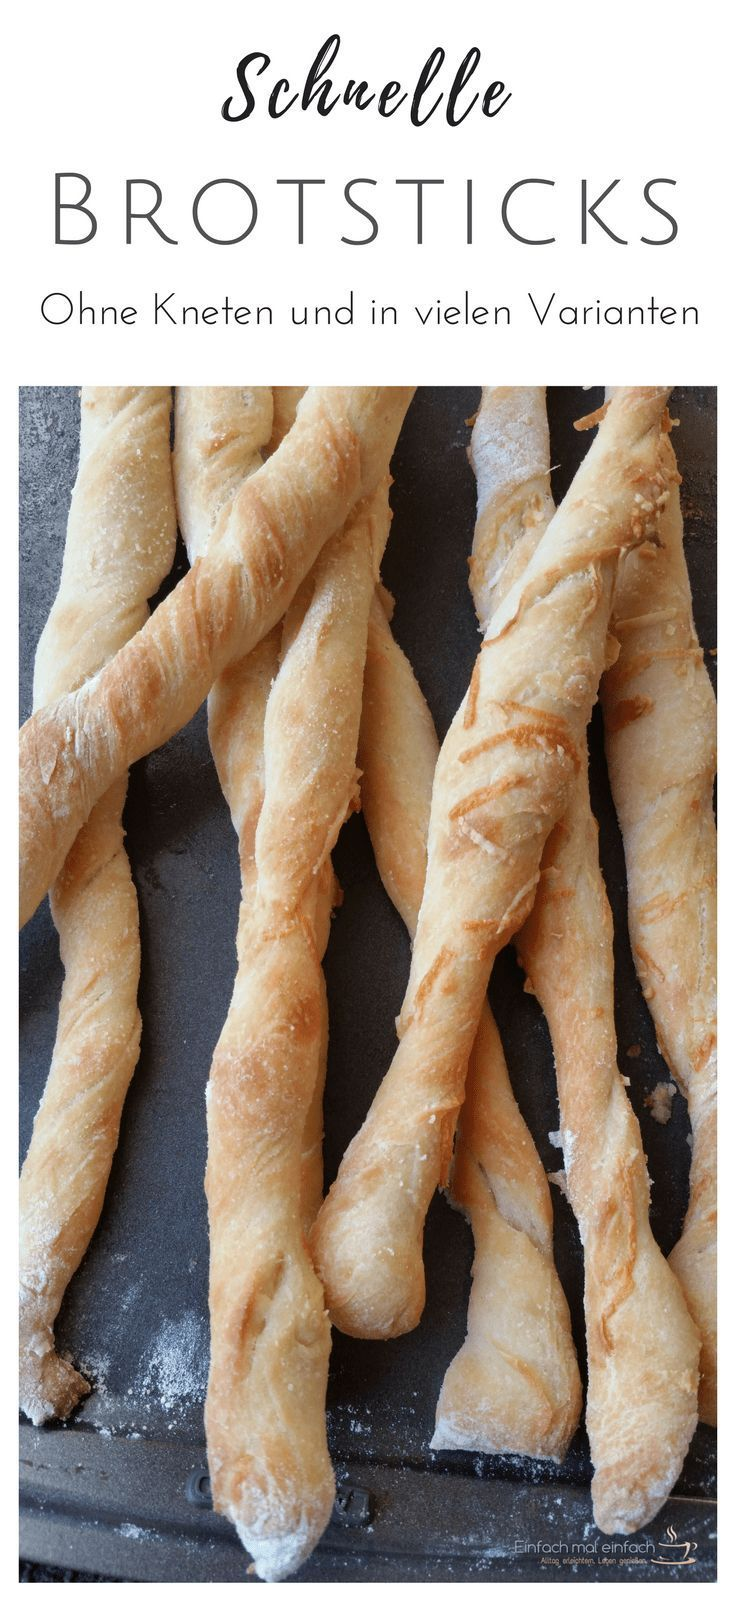 Schnelle Brotsticks #fingerfoodrezepteschnelleinfach